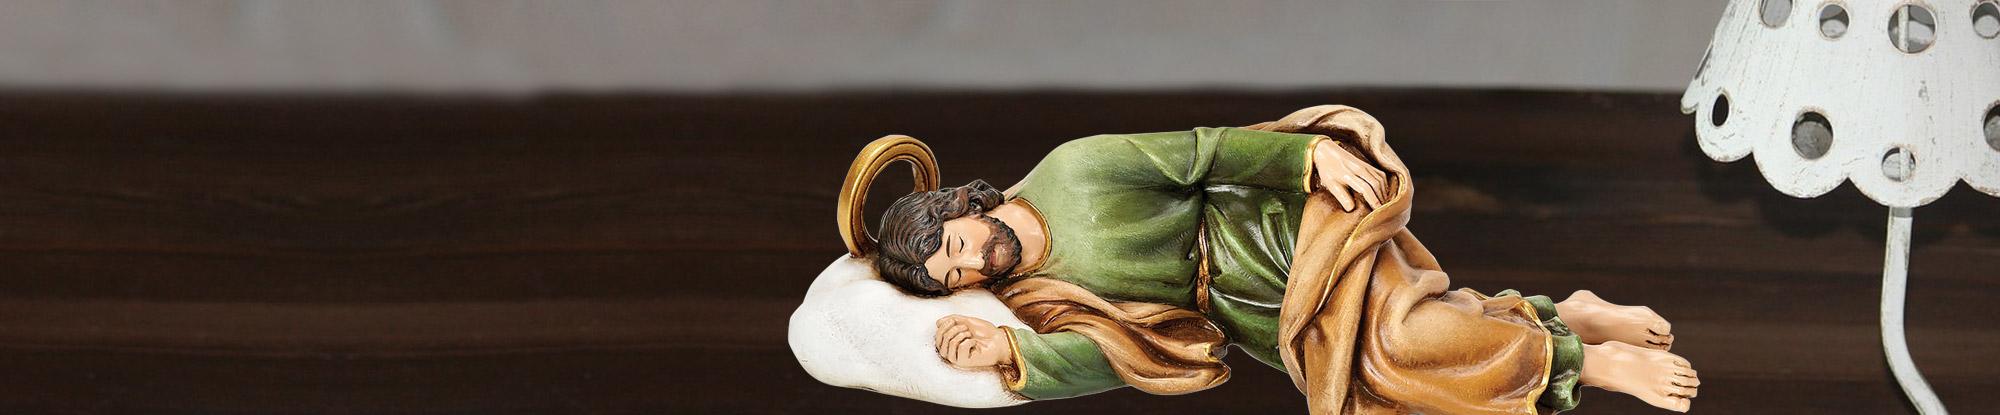 Tượng Công Giáo Cao Cấp- Tượng Ảnh Công Giáo được sản xuất quy trình thủ công, vẽ thủ công tại Beconi.vn đáp ứng yêu cầu cao nhất về chất lượng, chỉnh chu trong từng sản phẩm.